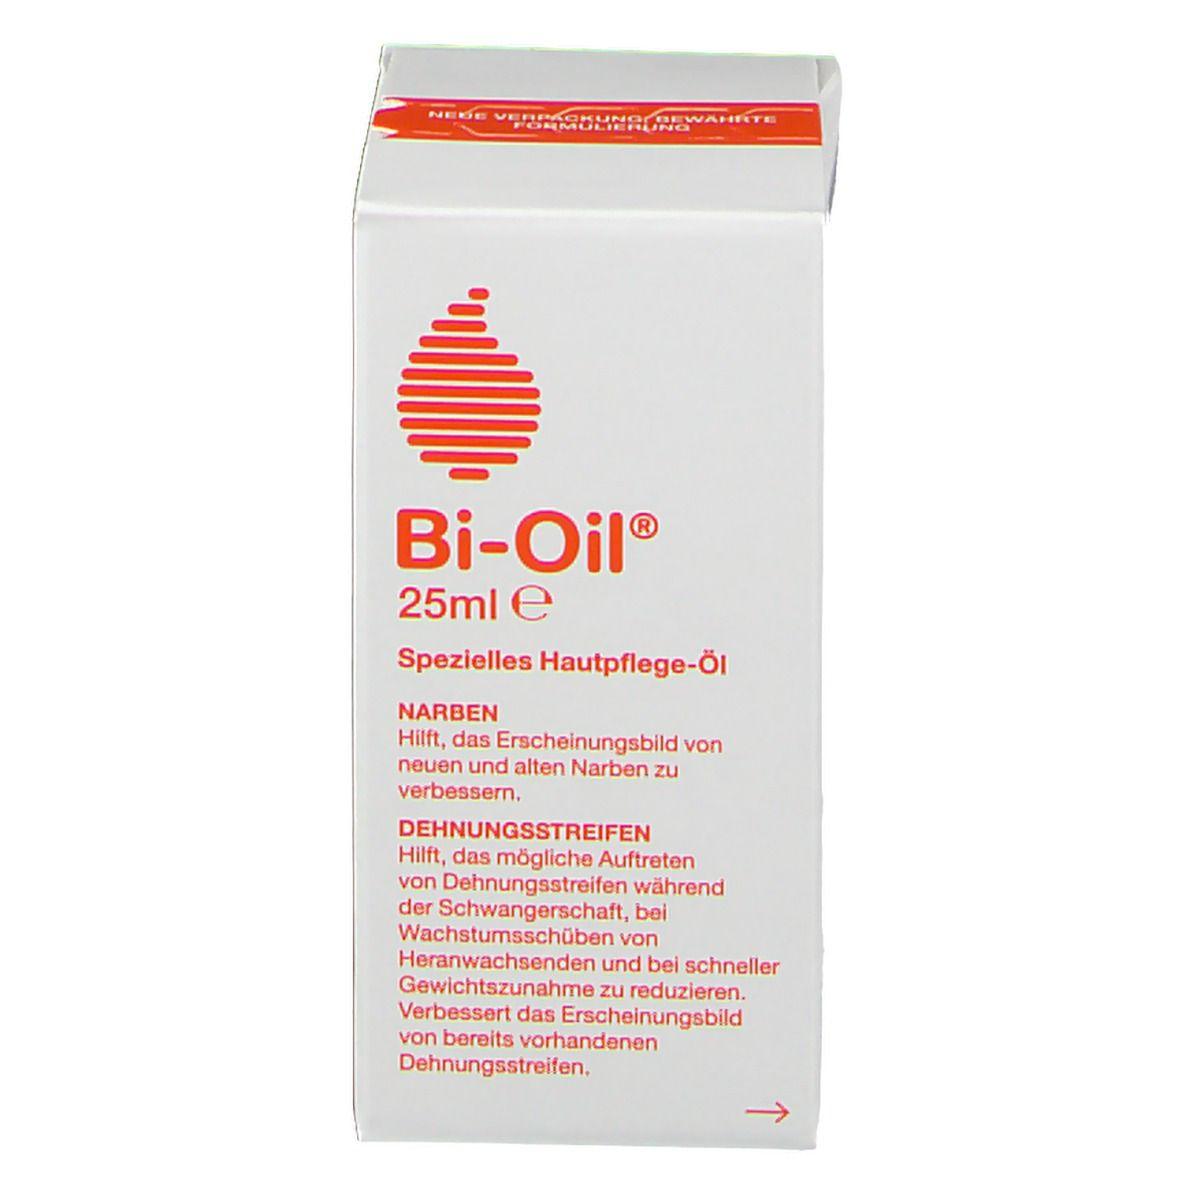 Erfahrungen bi dehnungsstreifen oil gegen Aufgefüllt #1